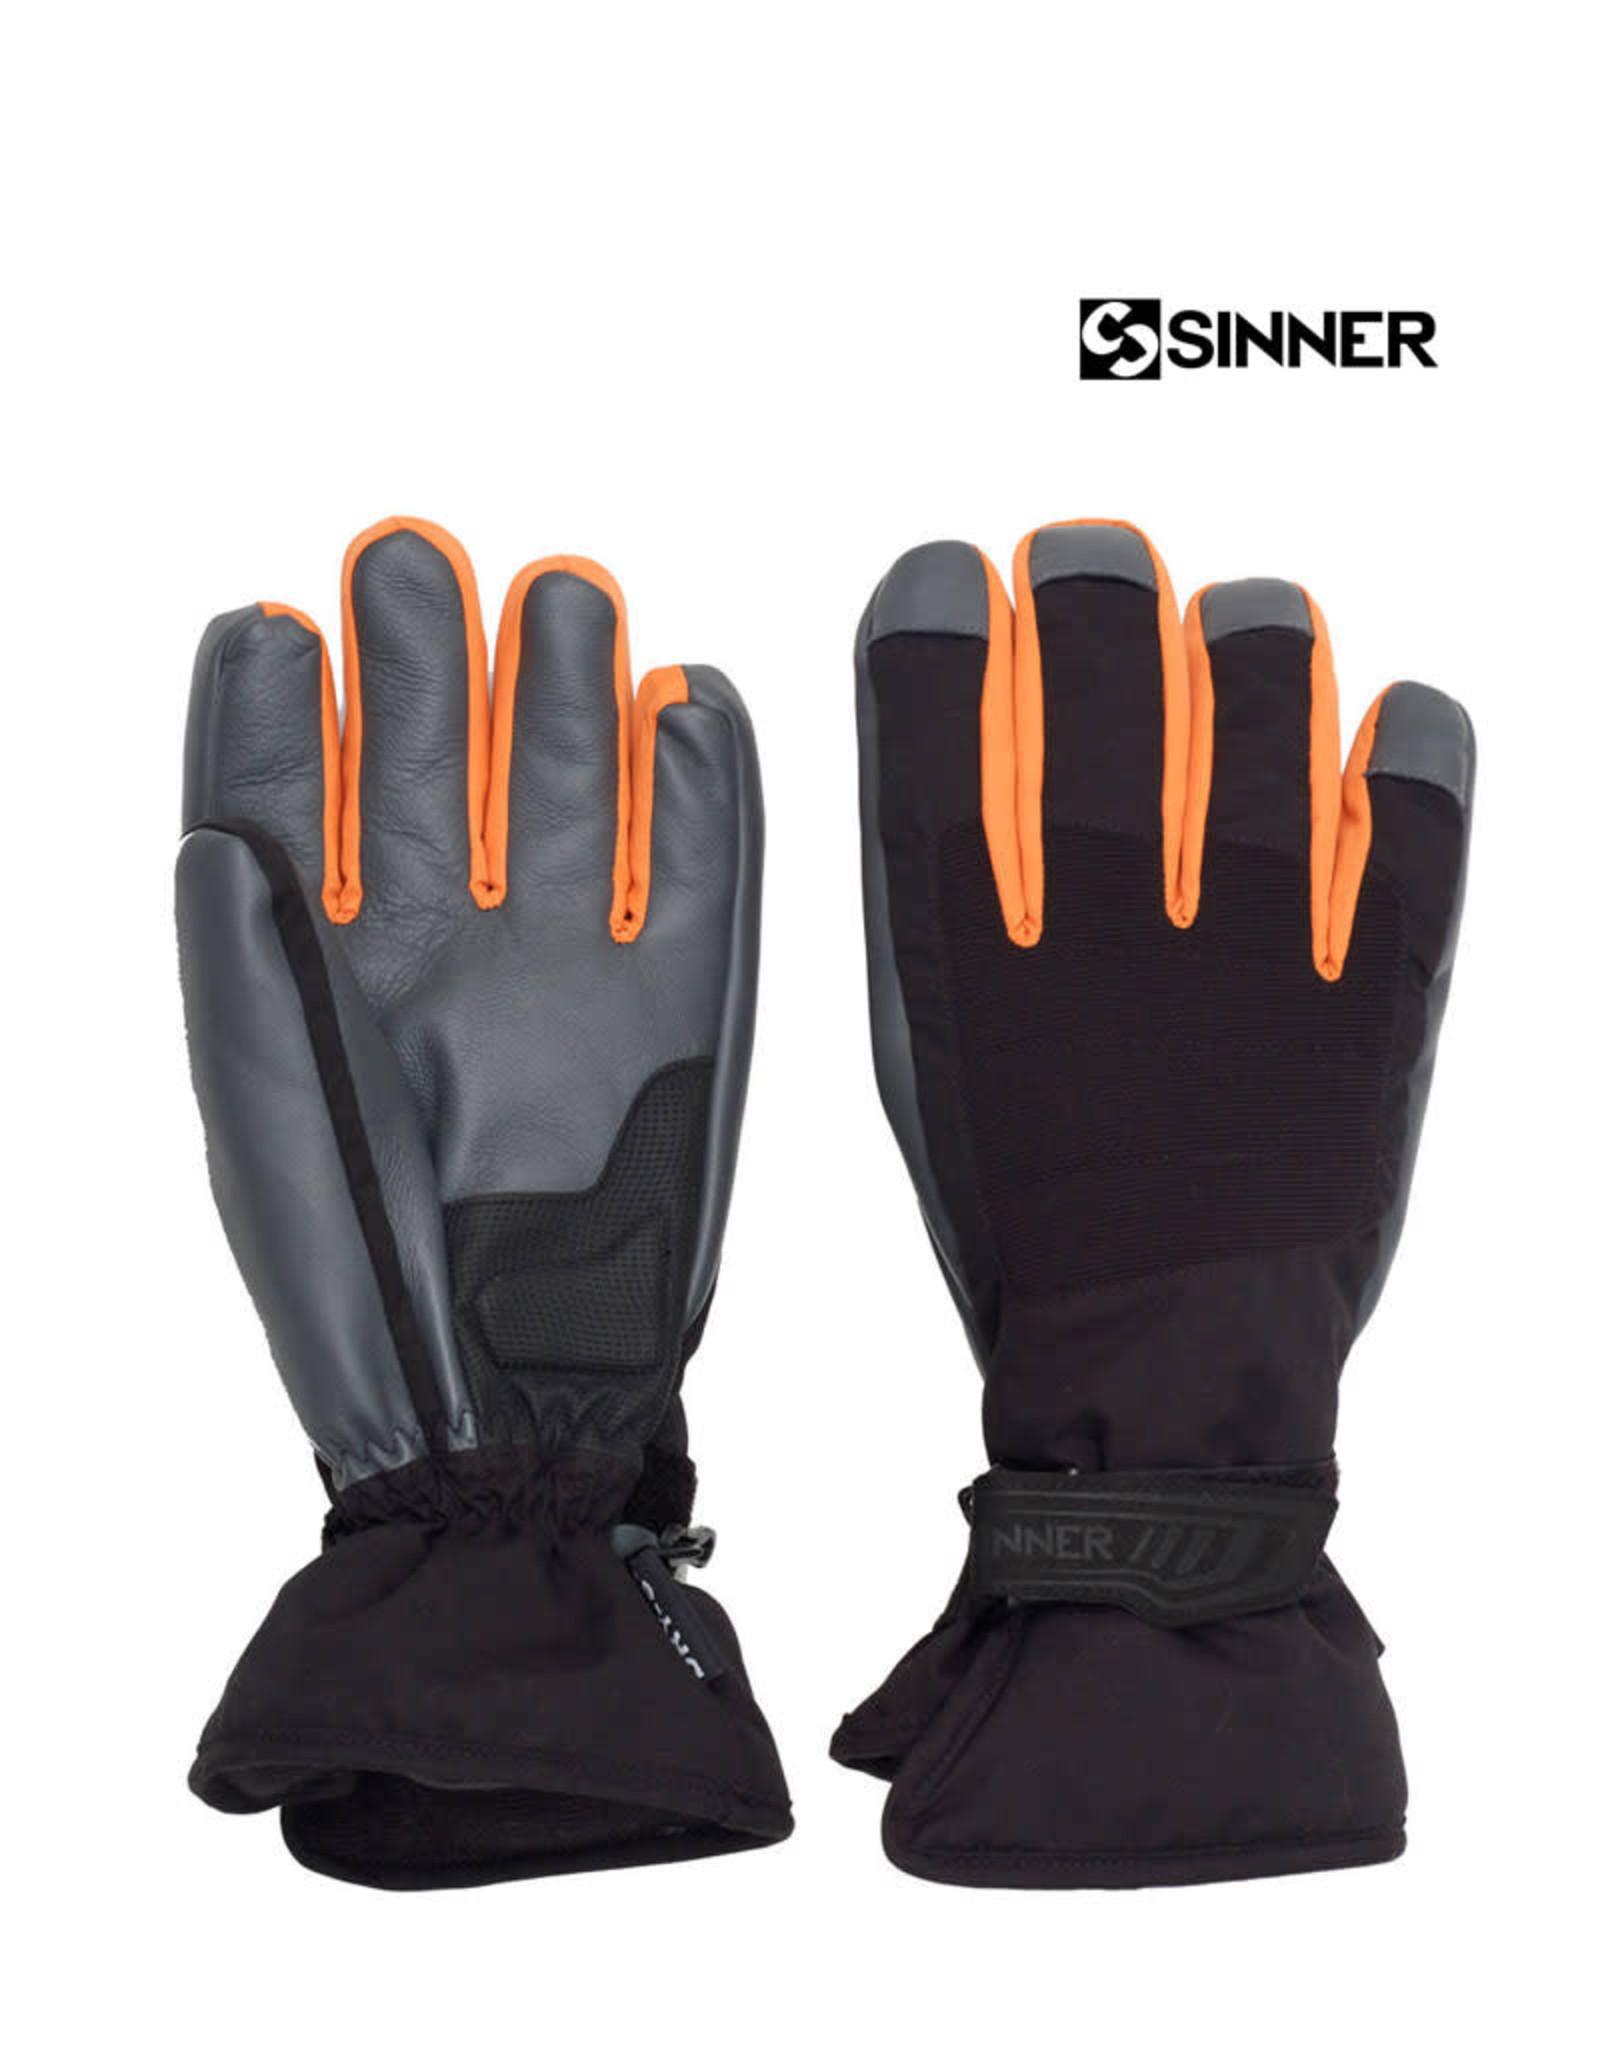 SINNER SINNER HANDSCHOENEN Wolf Glove Black/Orange M 8.5